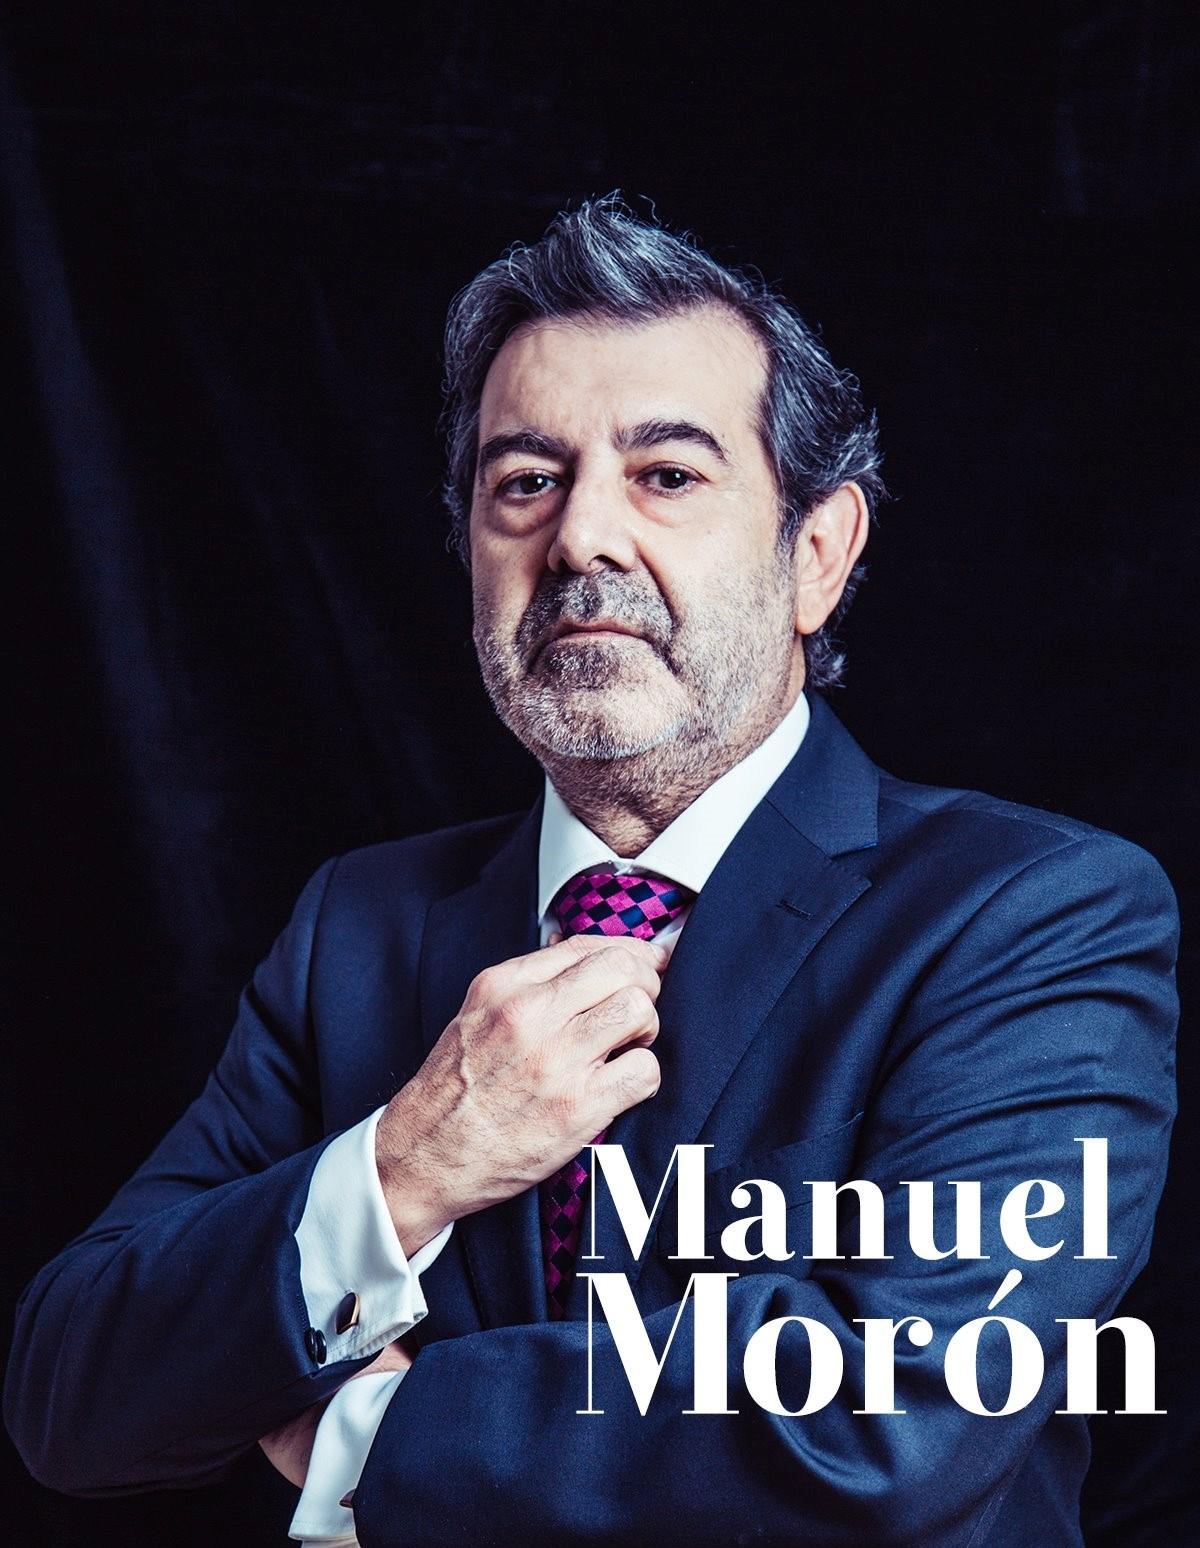 Manuel Morón (10).jpg